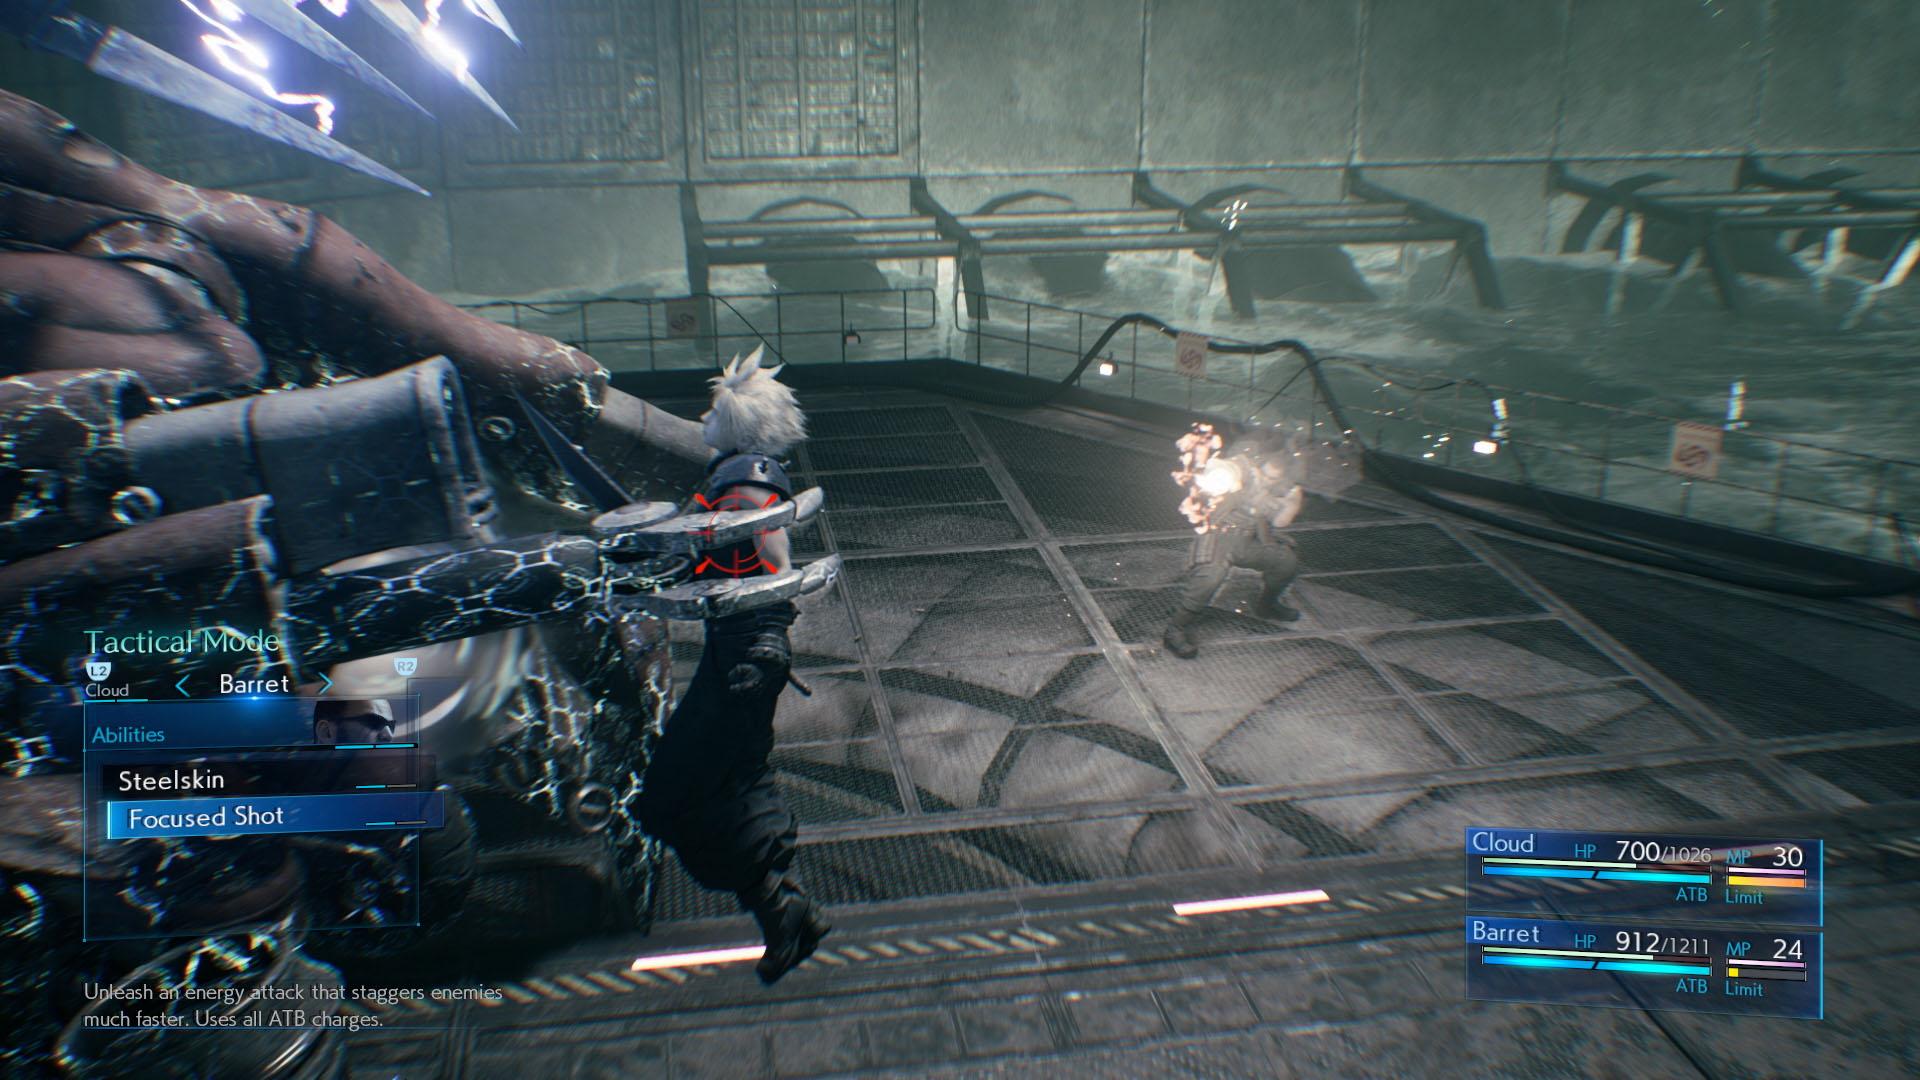 بازی Final Fantasy VII Remake تا سال ۲۰۲۱ در انحصار سونی خواهد بود